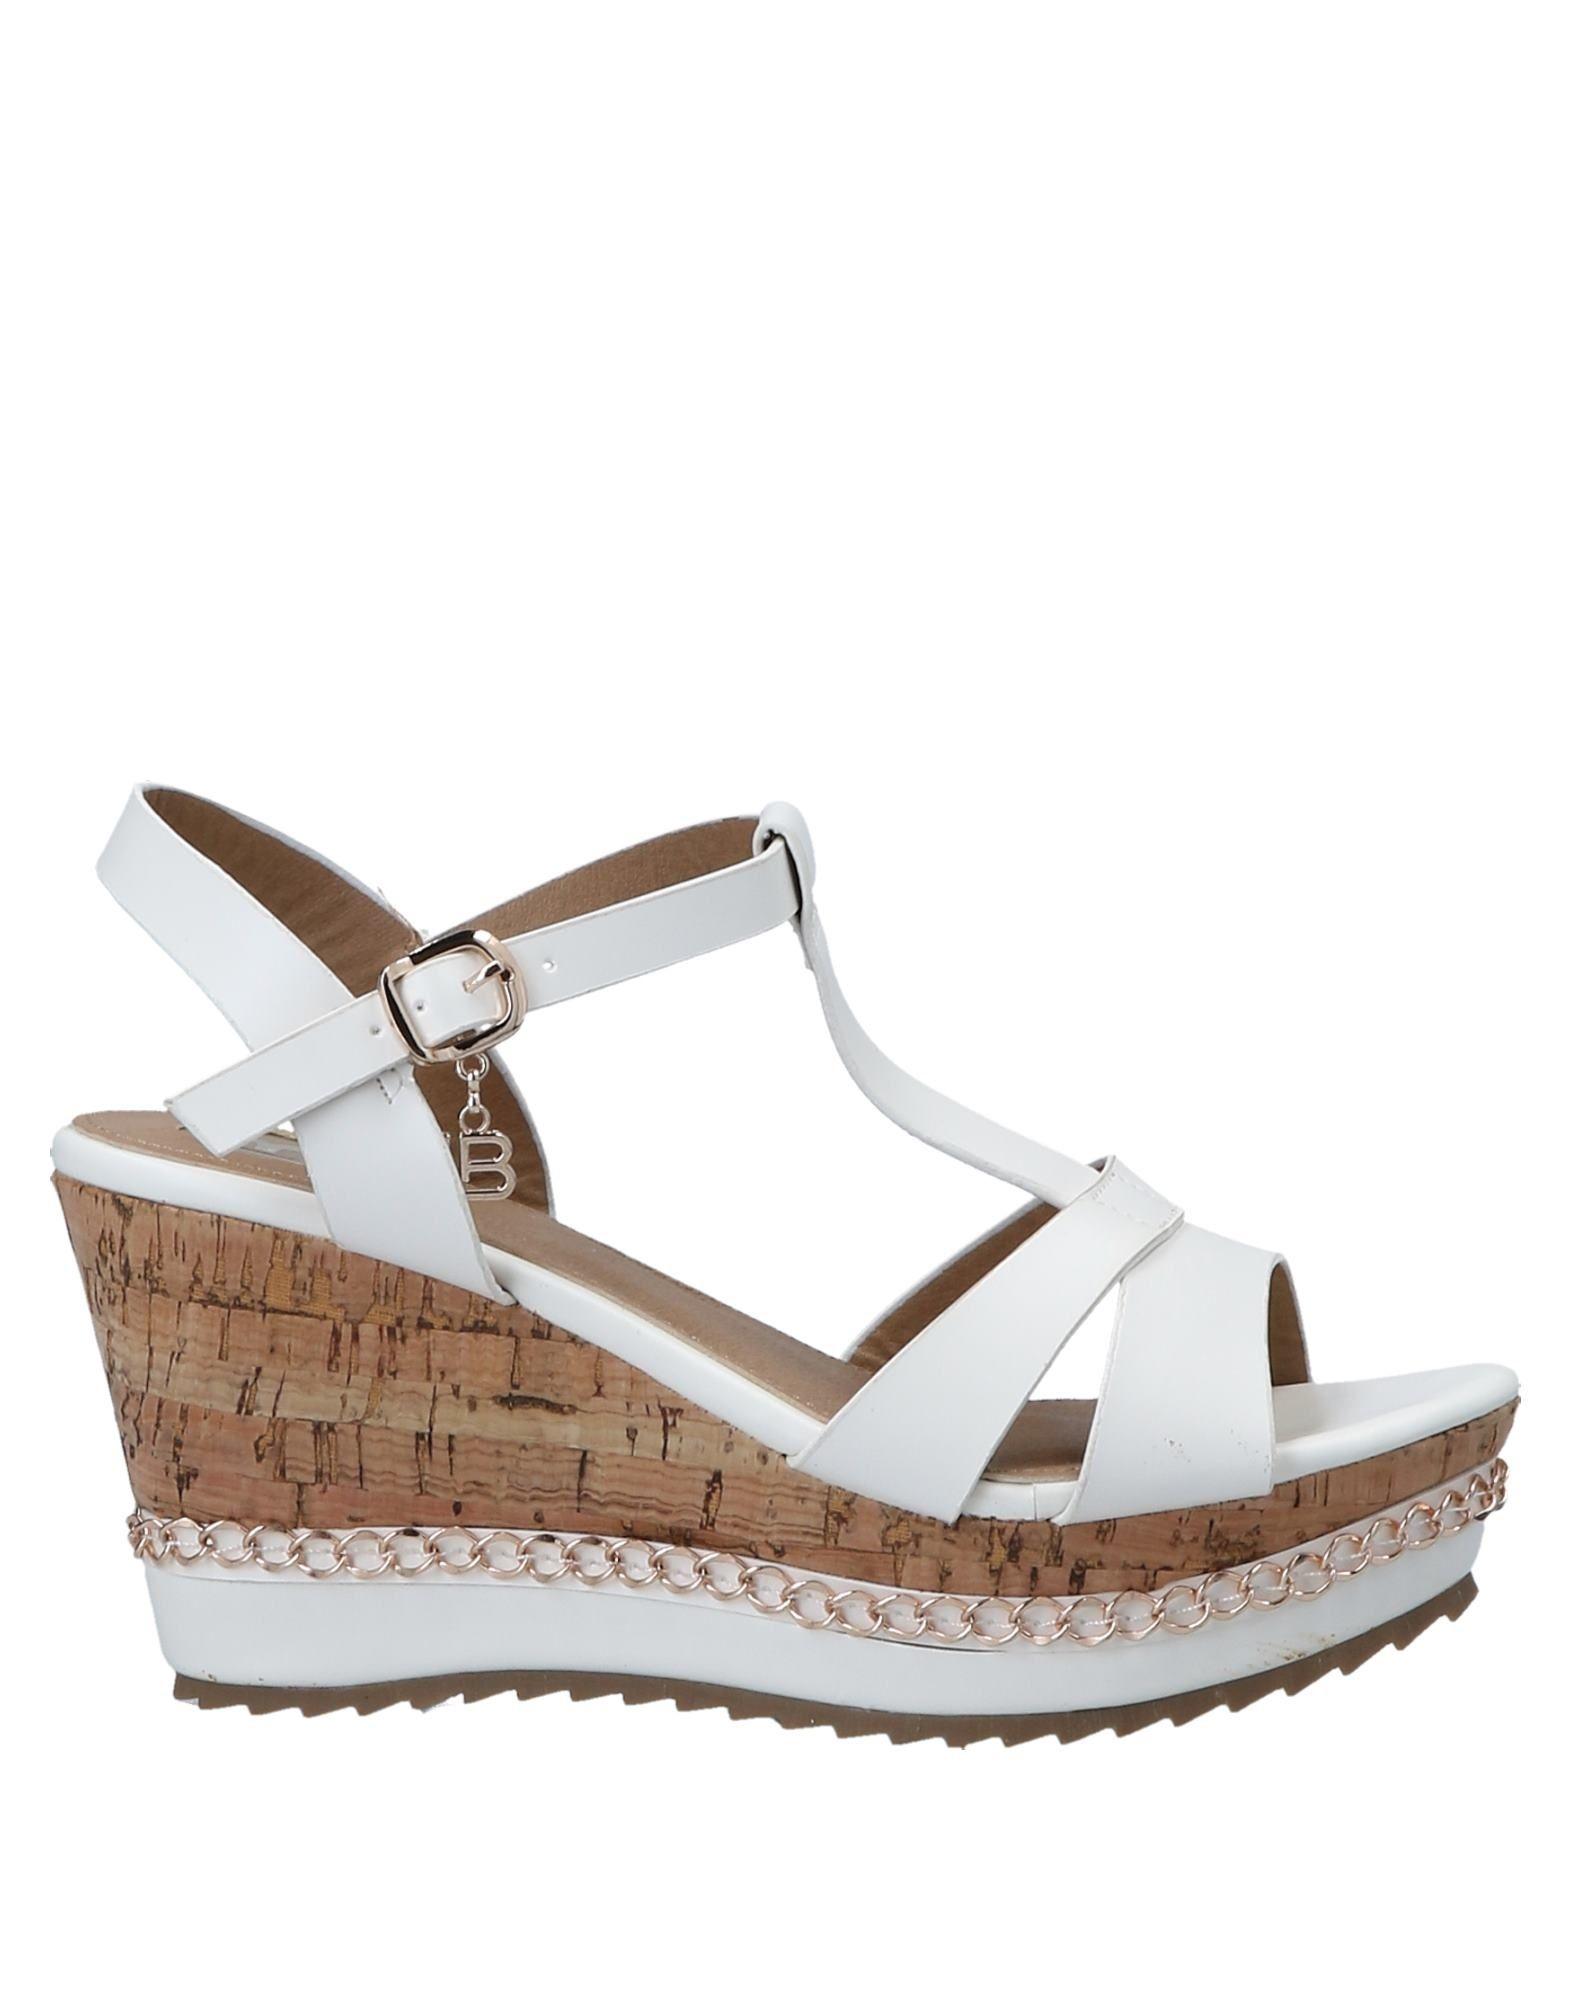 Laura Laura Biagiotti Sandals - Women Laura Laura Biagiotti Sandals online on  Australia - 11556424FT 6ad3f6